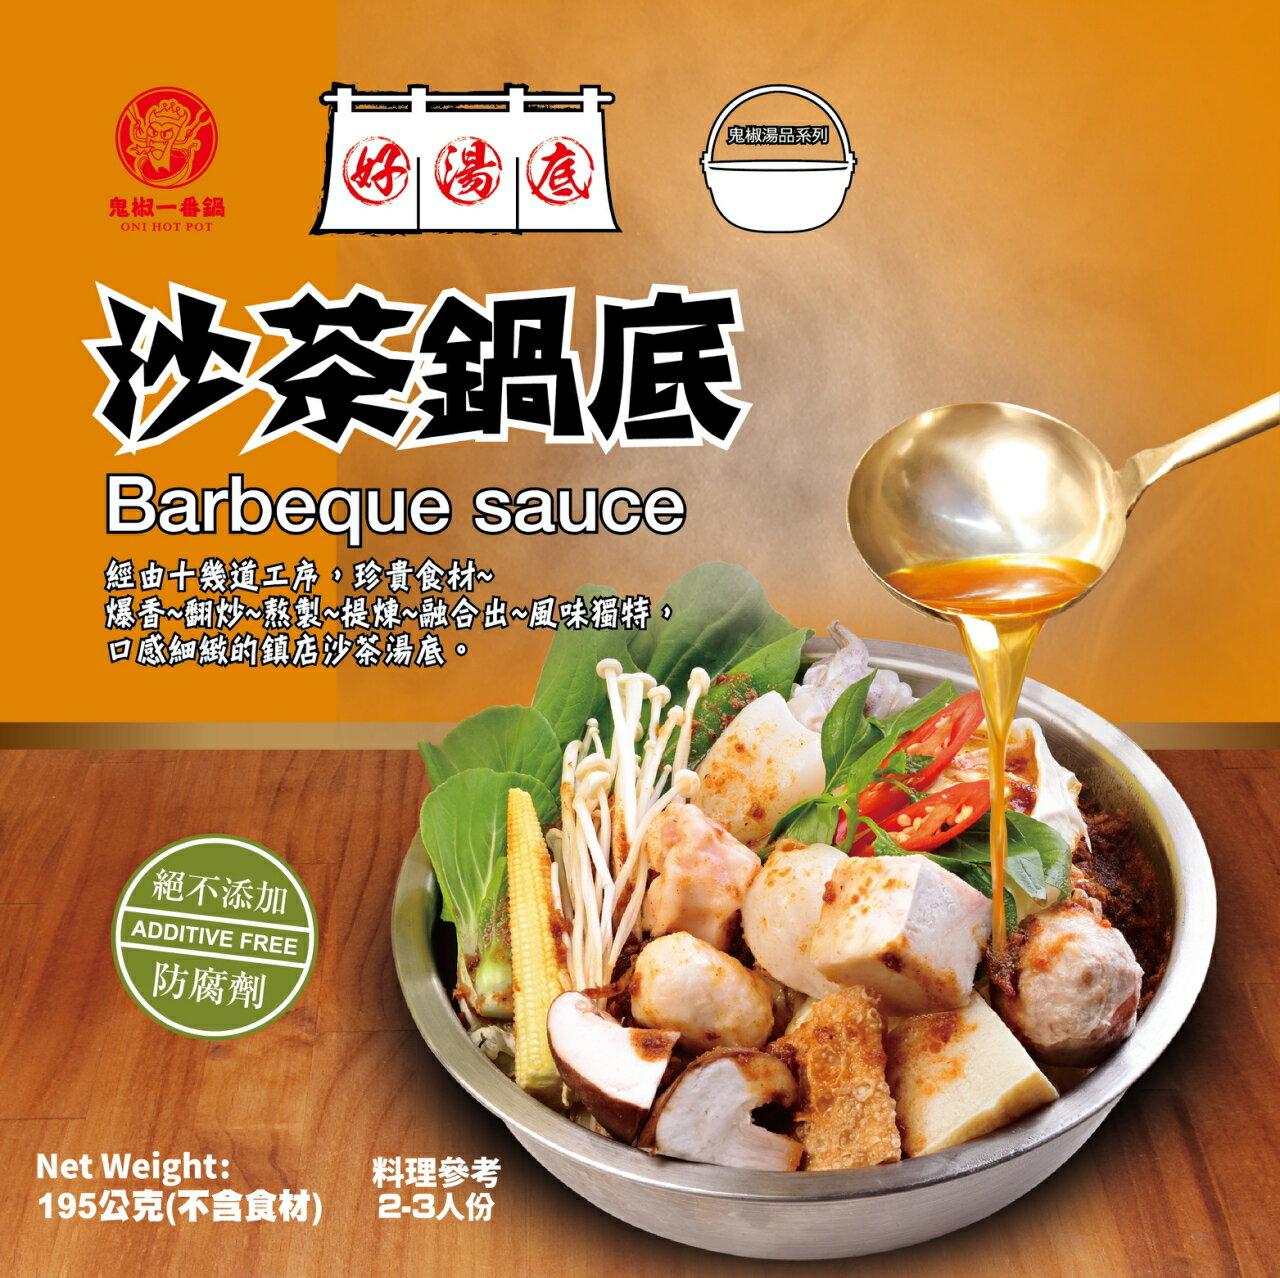 【鬼椒嚴選】麻辣+沙茶兩種火鍋湯底組合 3